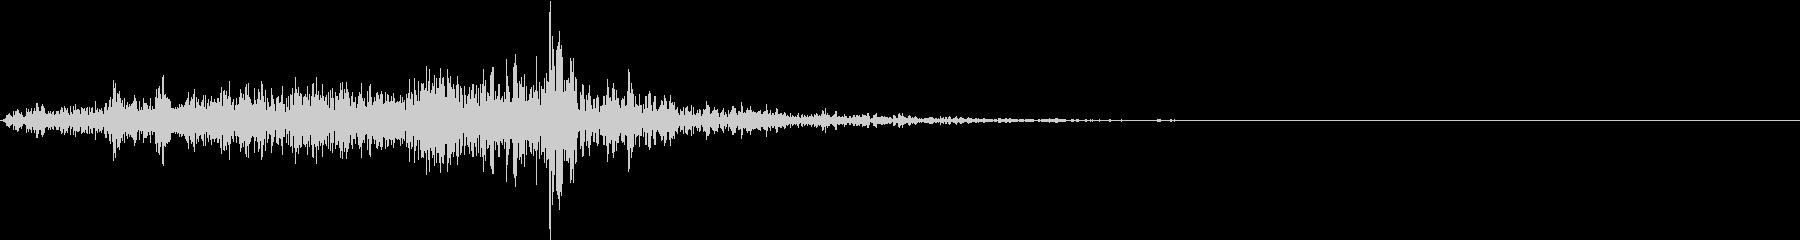 【生録音】野菜を包丁で切る音 3 単発の未再生の波形